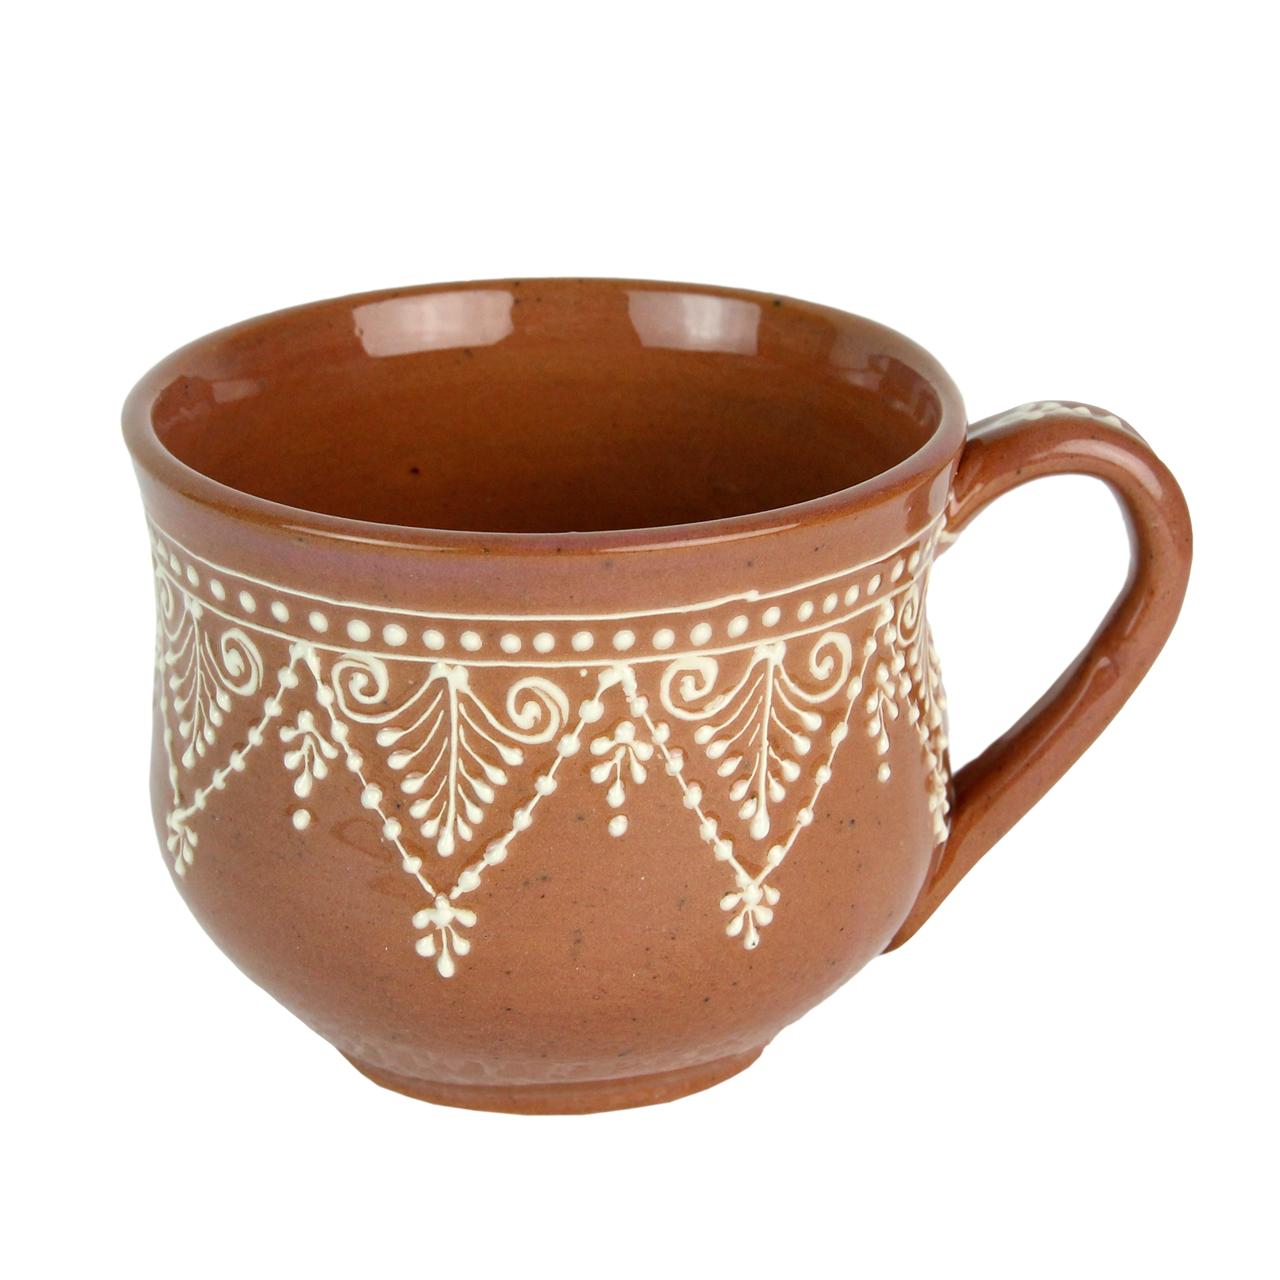 Cana Din Ceramica Maro Cu Alb 8 Cm